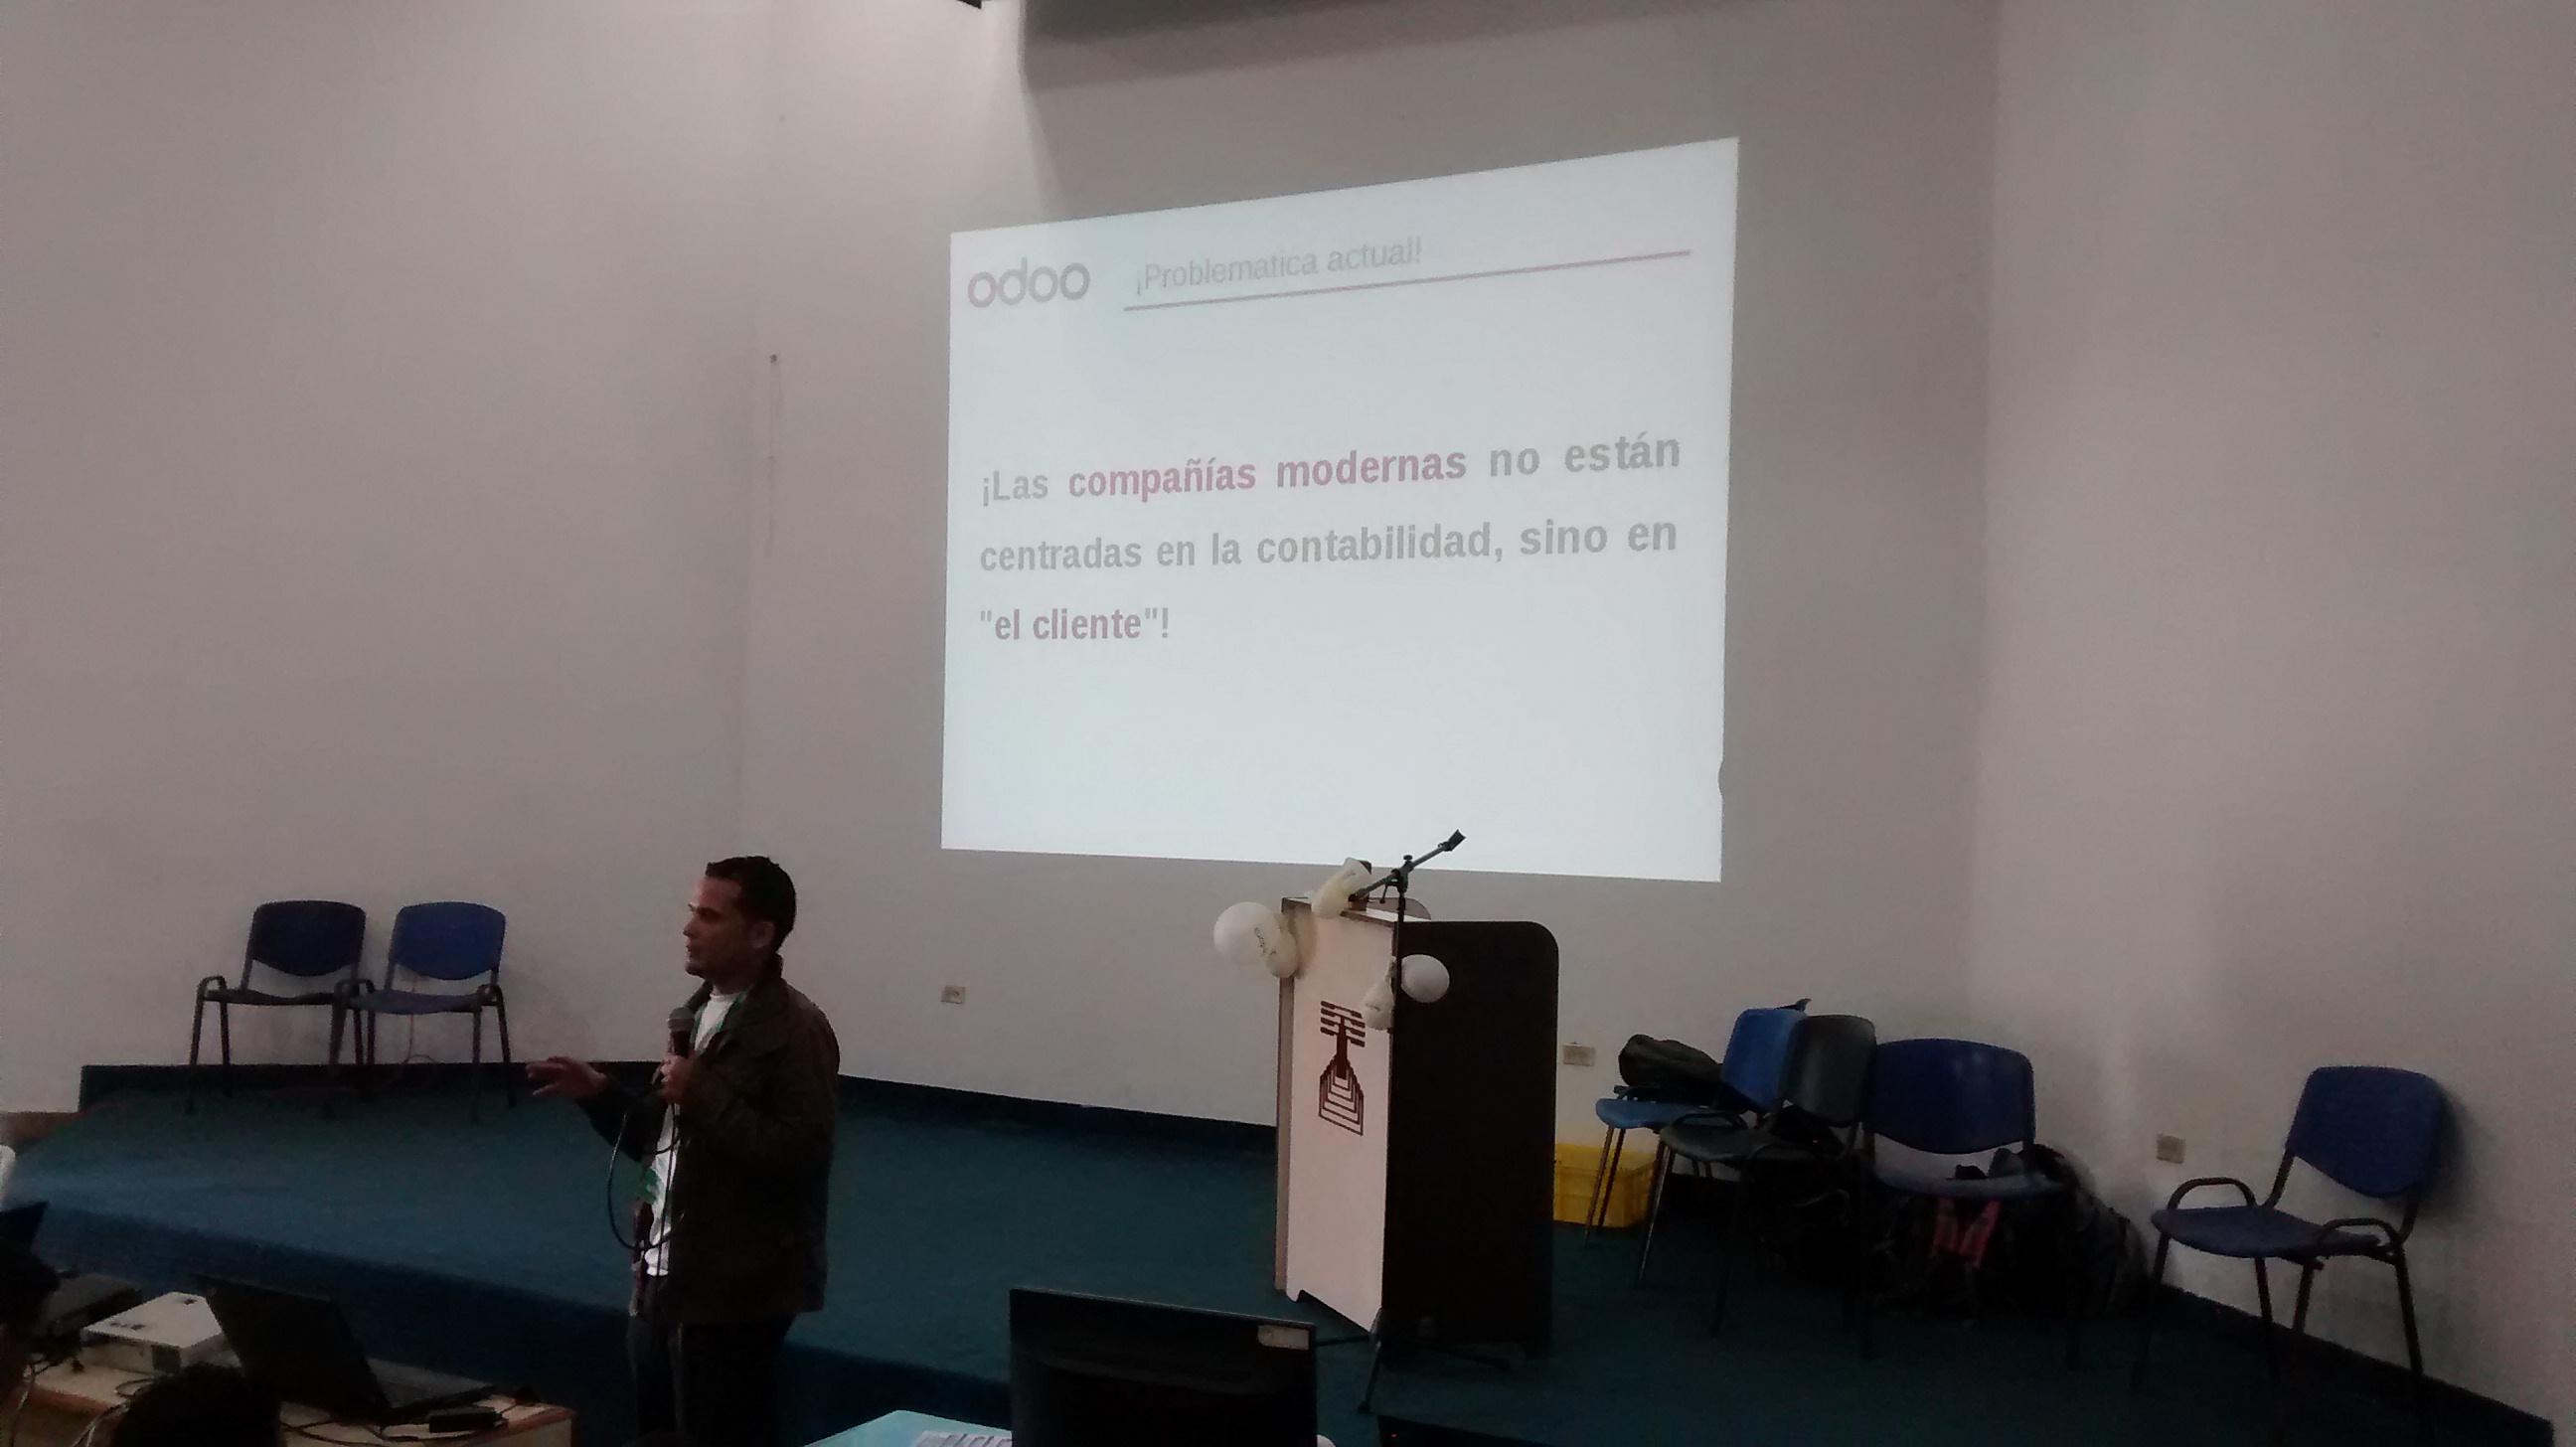 ODOO Talk